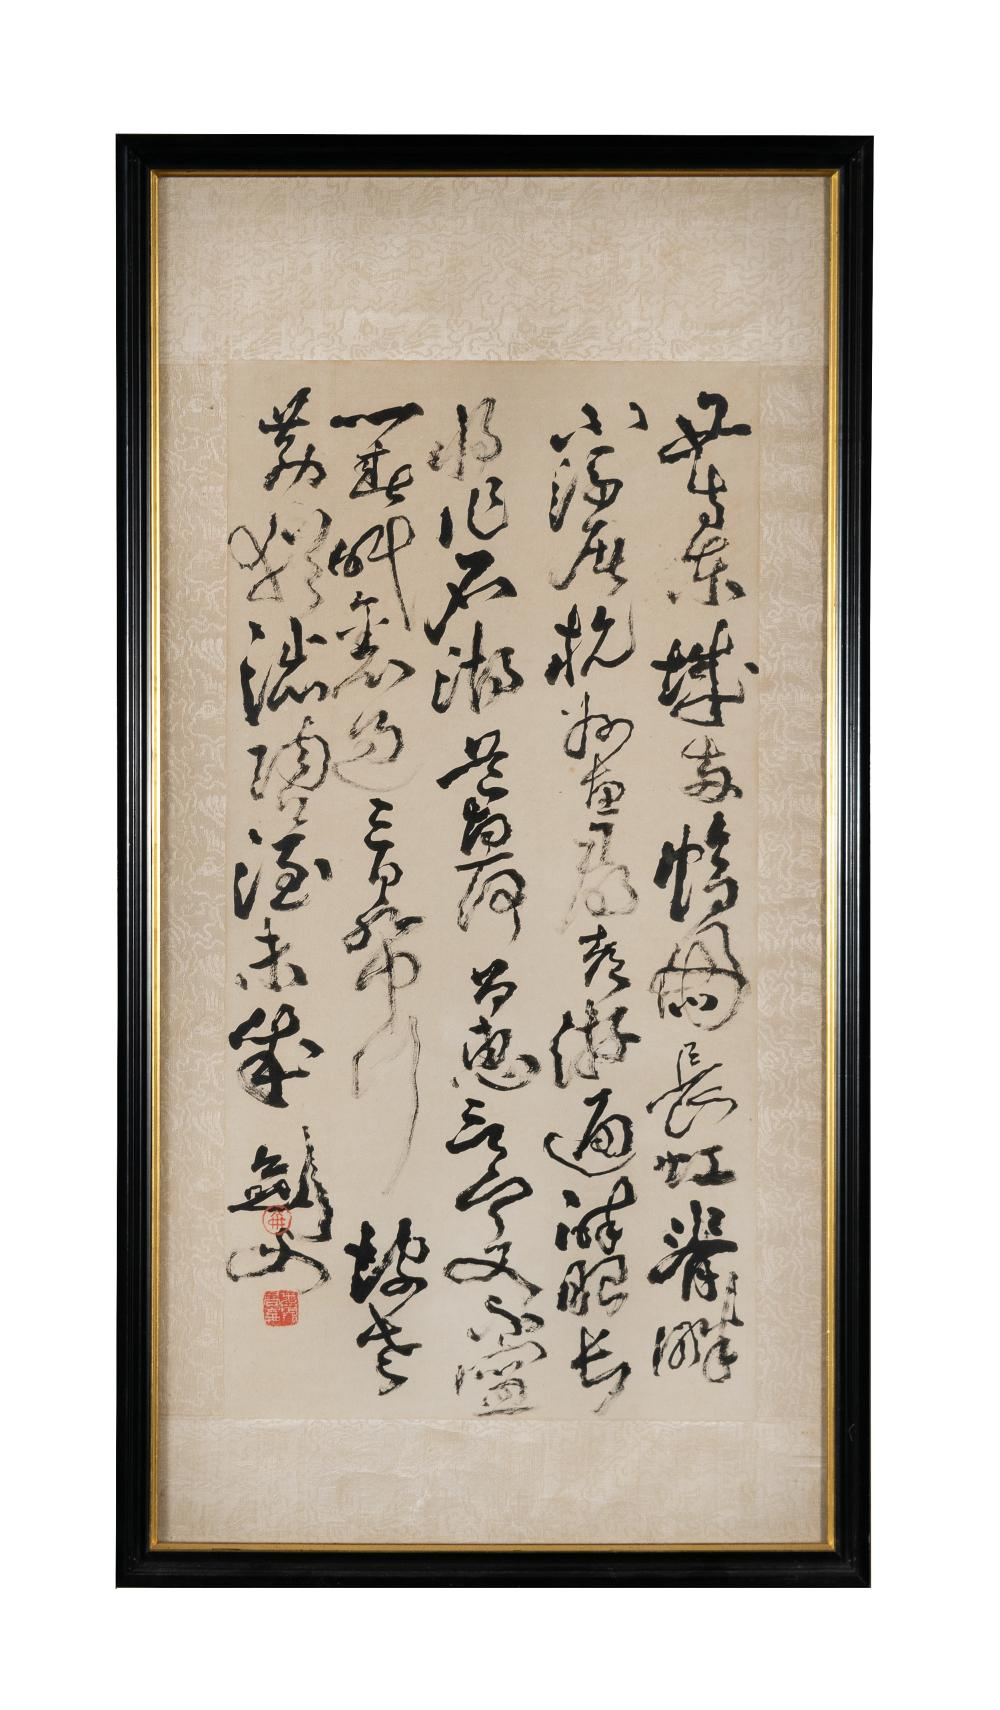 CHINESE CALLIGRAPHY IN A FRAME BY GAO JIANFU